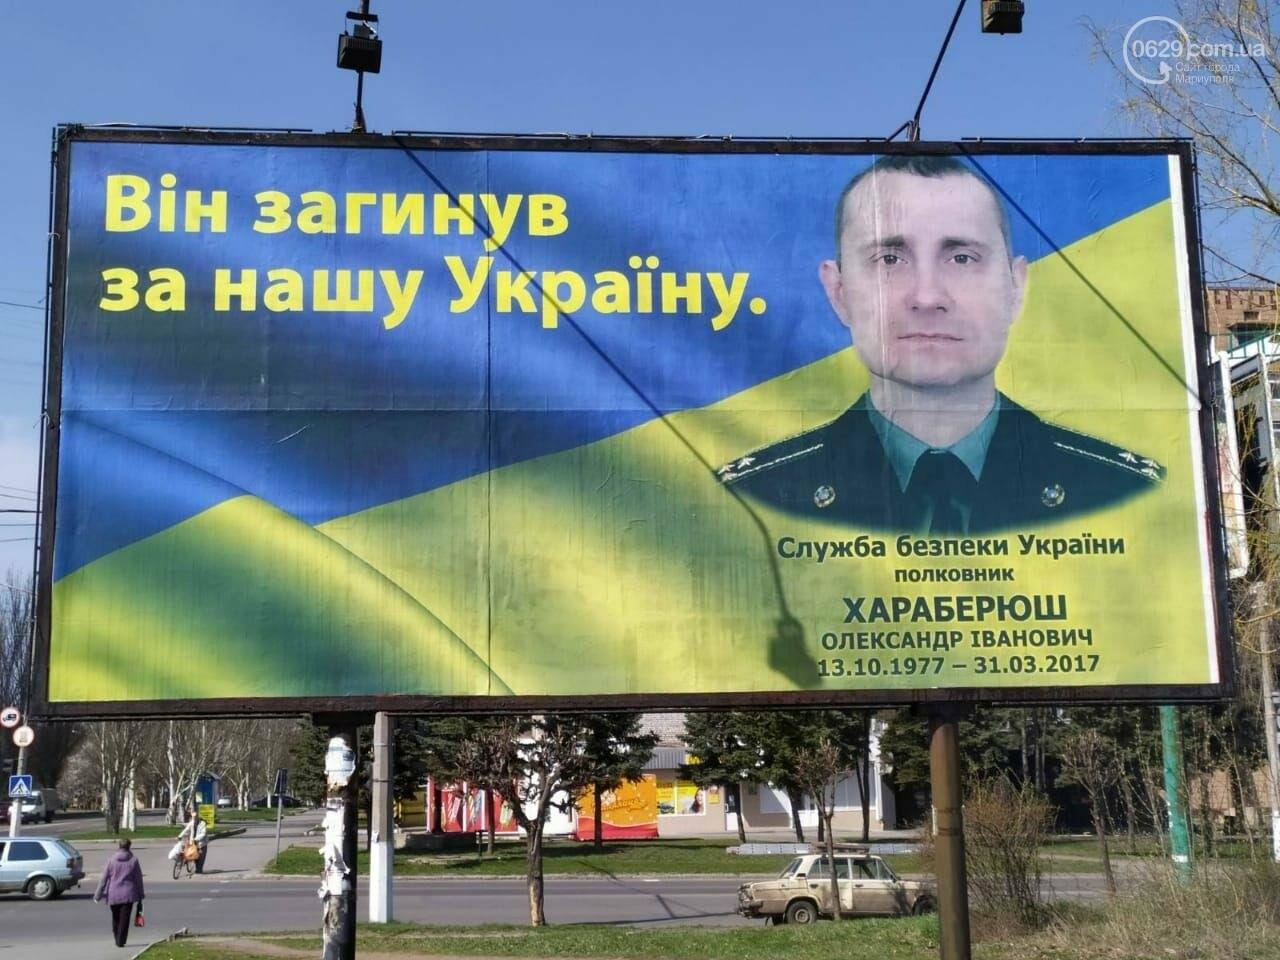 Три года после теракта. В Мариуполе развесили билборды в память о Хараберюше, фото-4